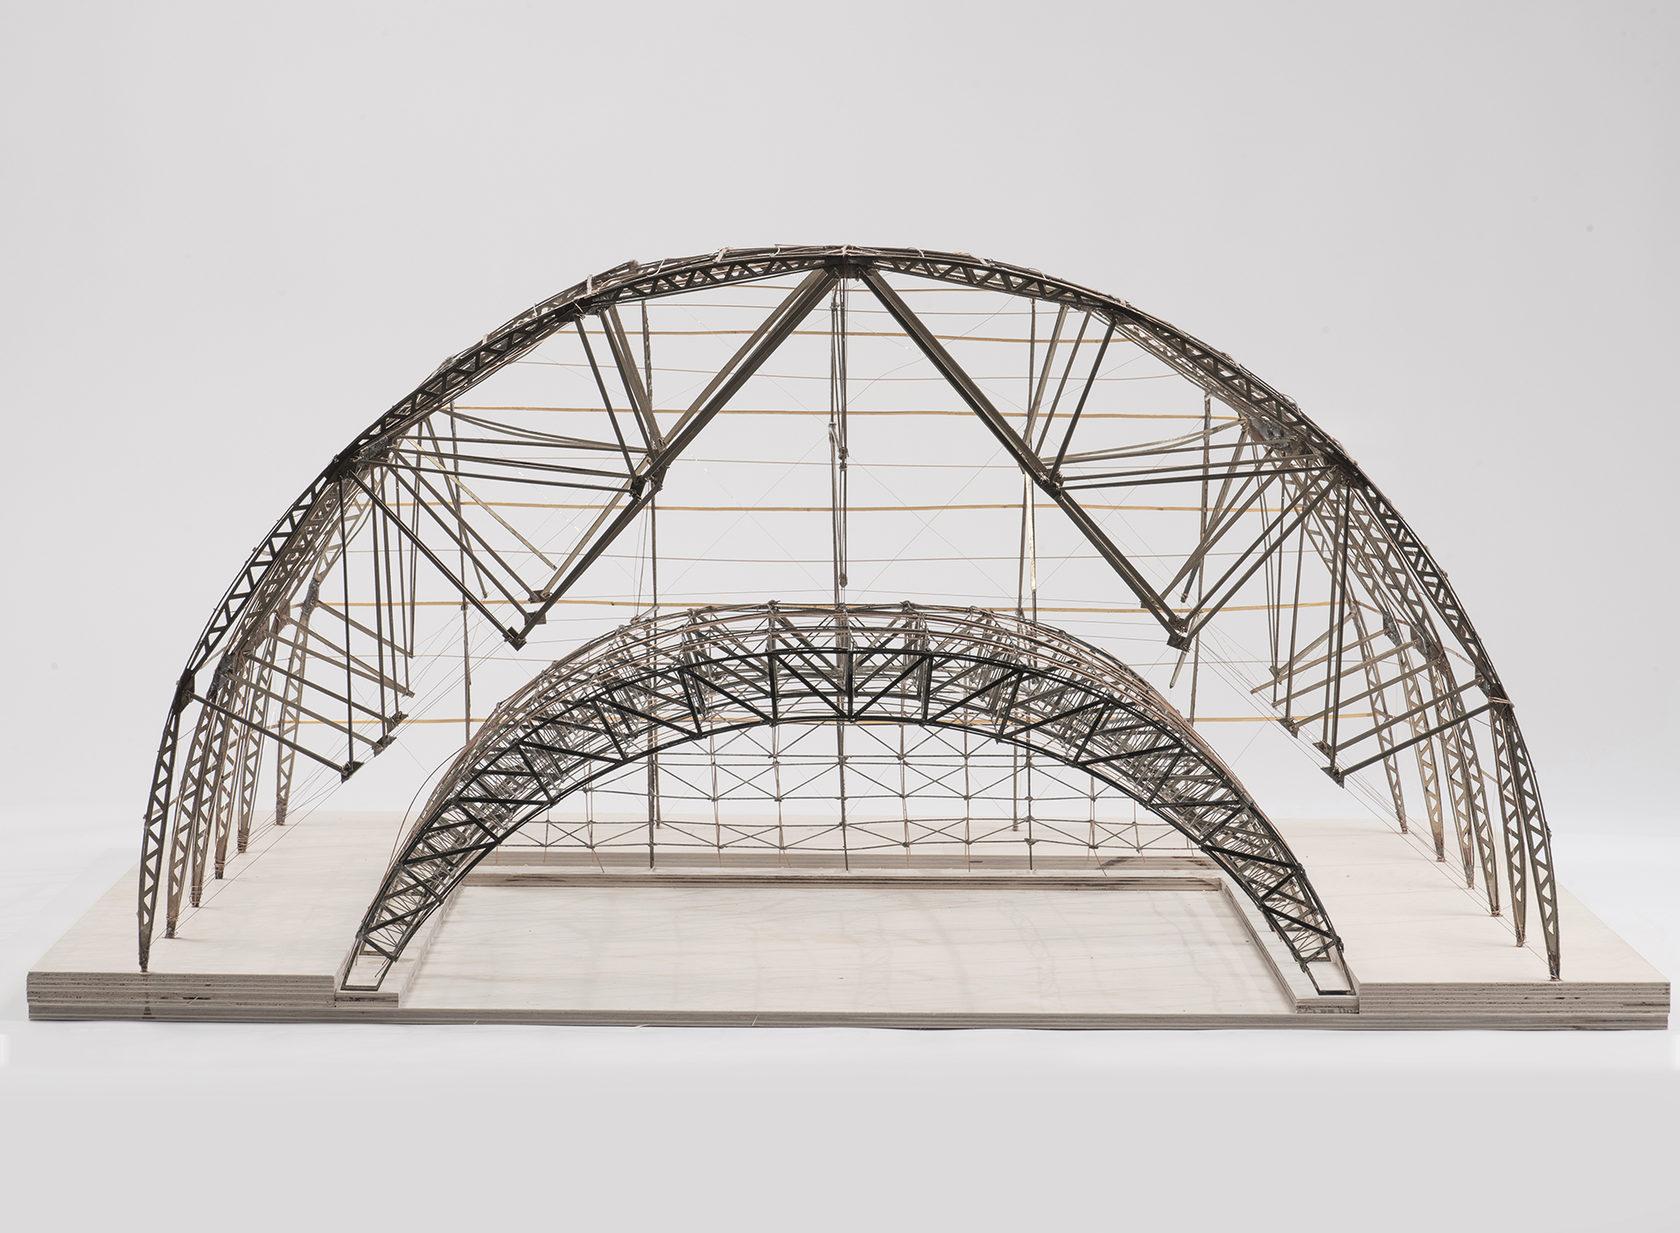 купол музея академии барона штиглица